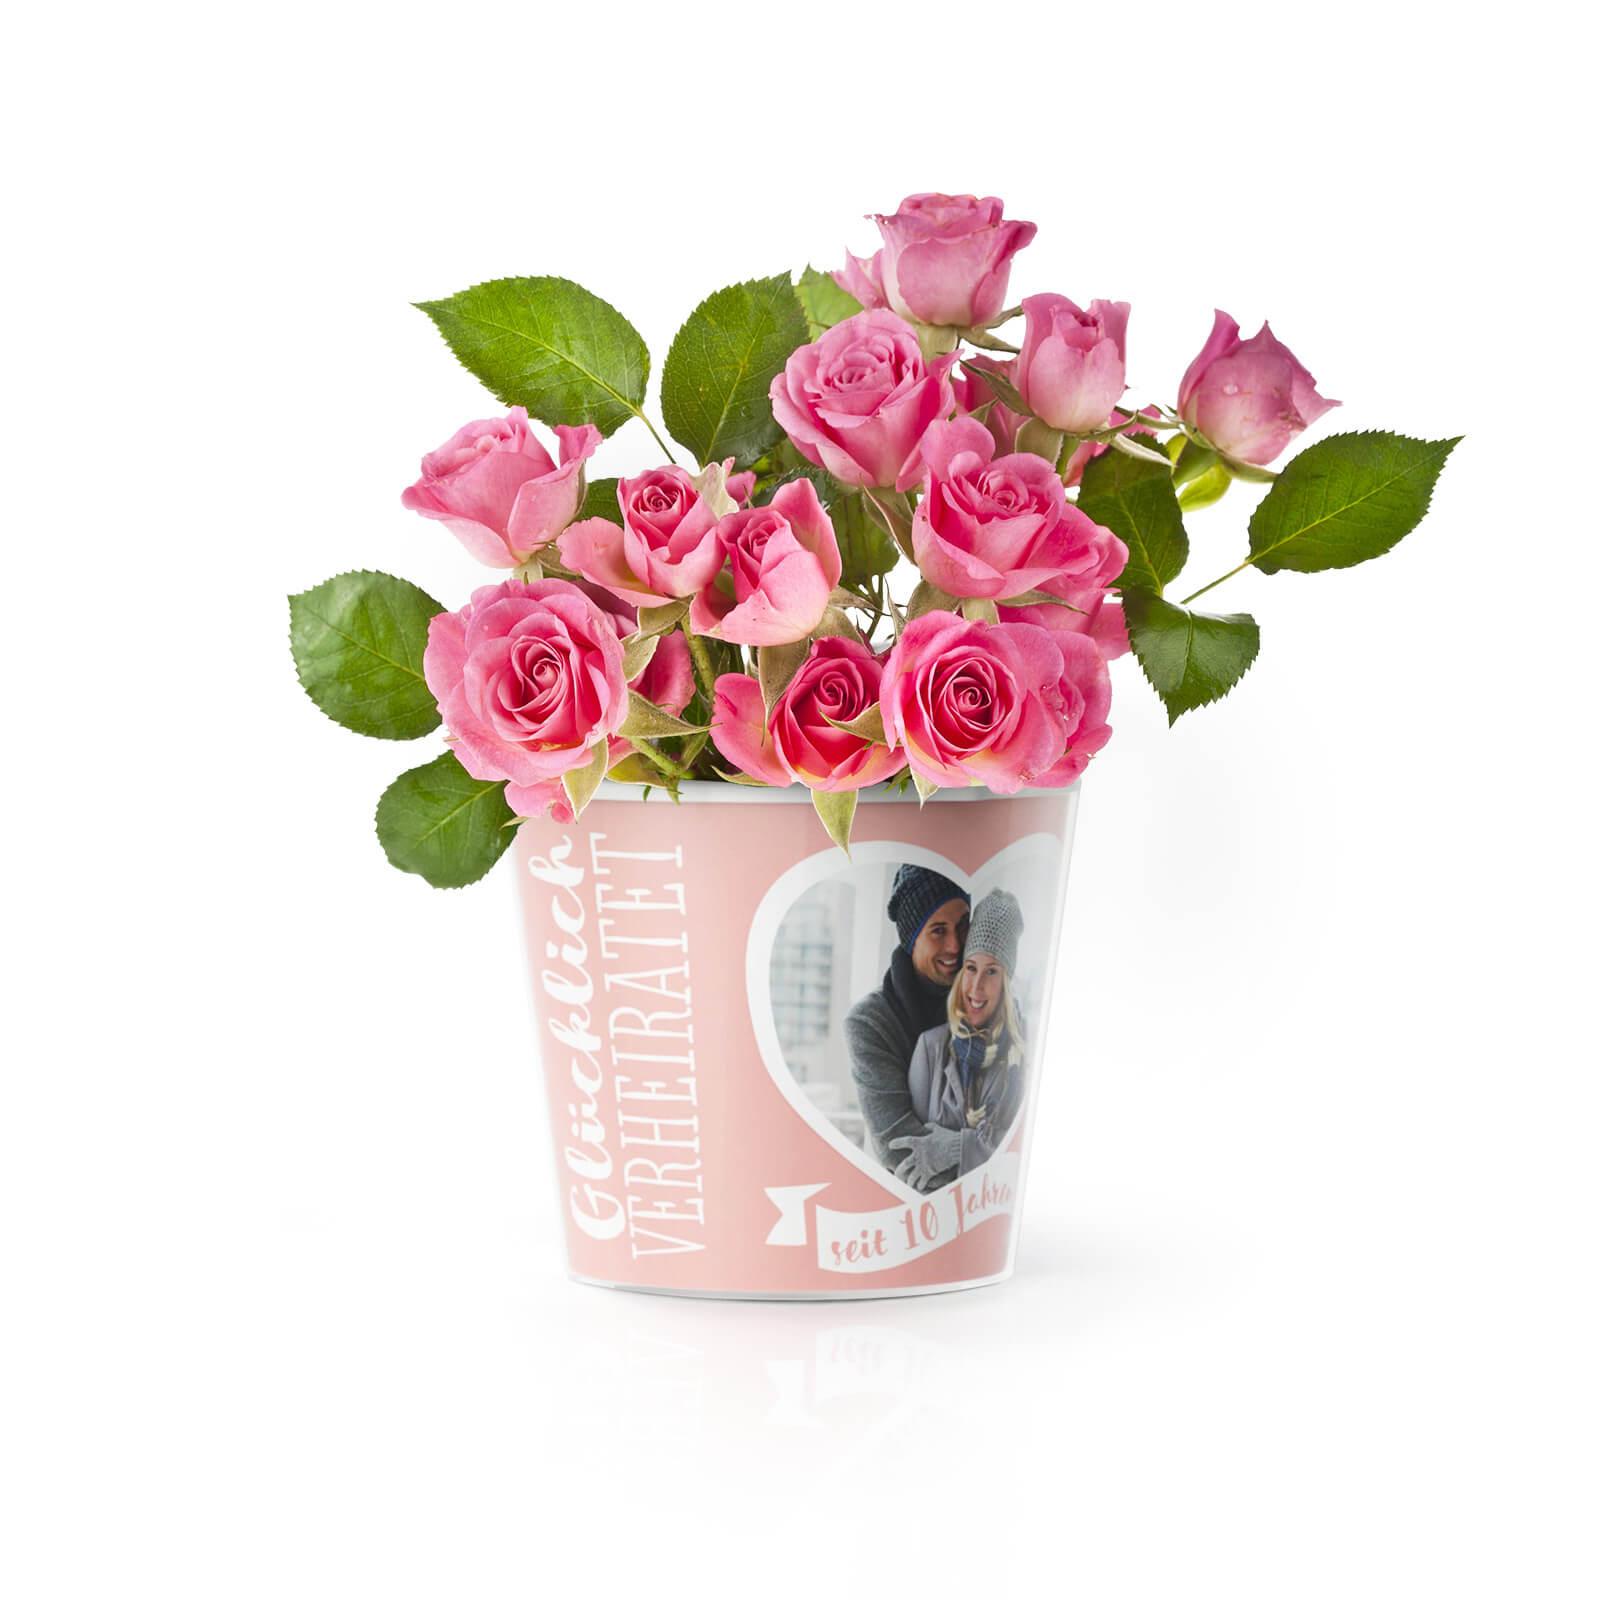 10 Hochzeitstag Rosenhochzeit Blumentopf Von Myfacepot